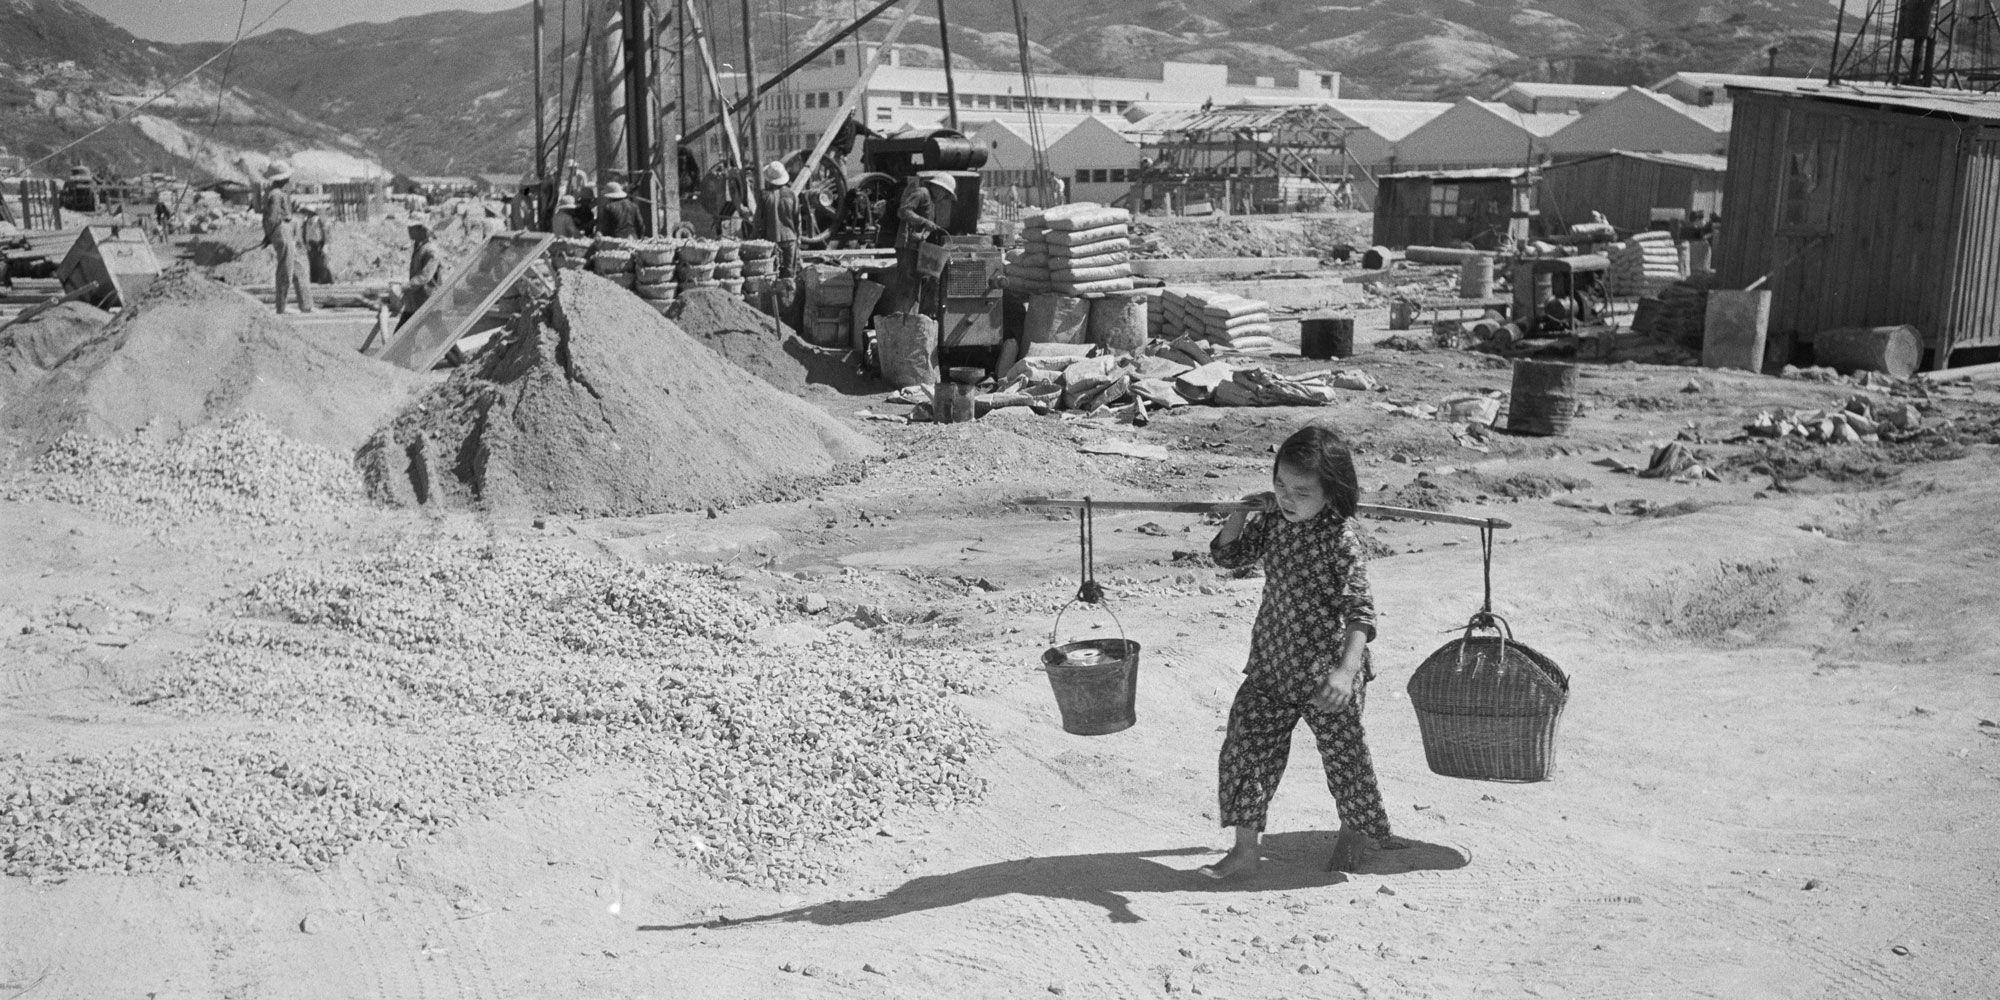 Von Bangkok geht es weiter nach Hongkong ins Jahr 1958